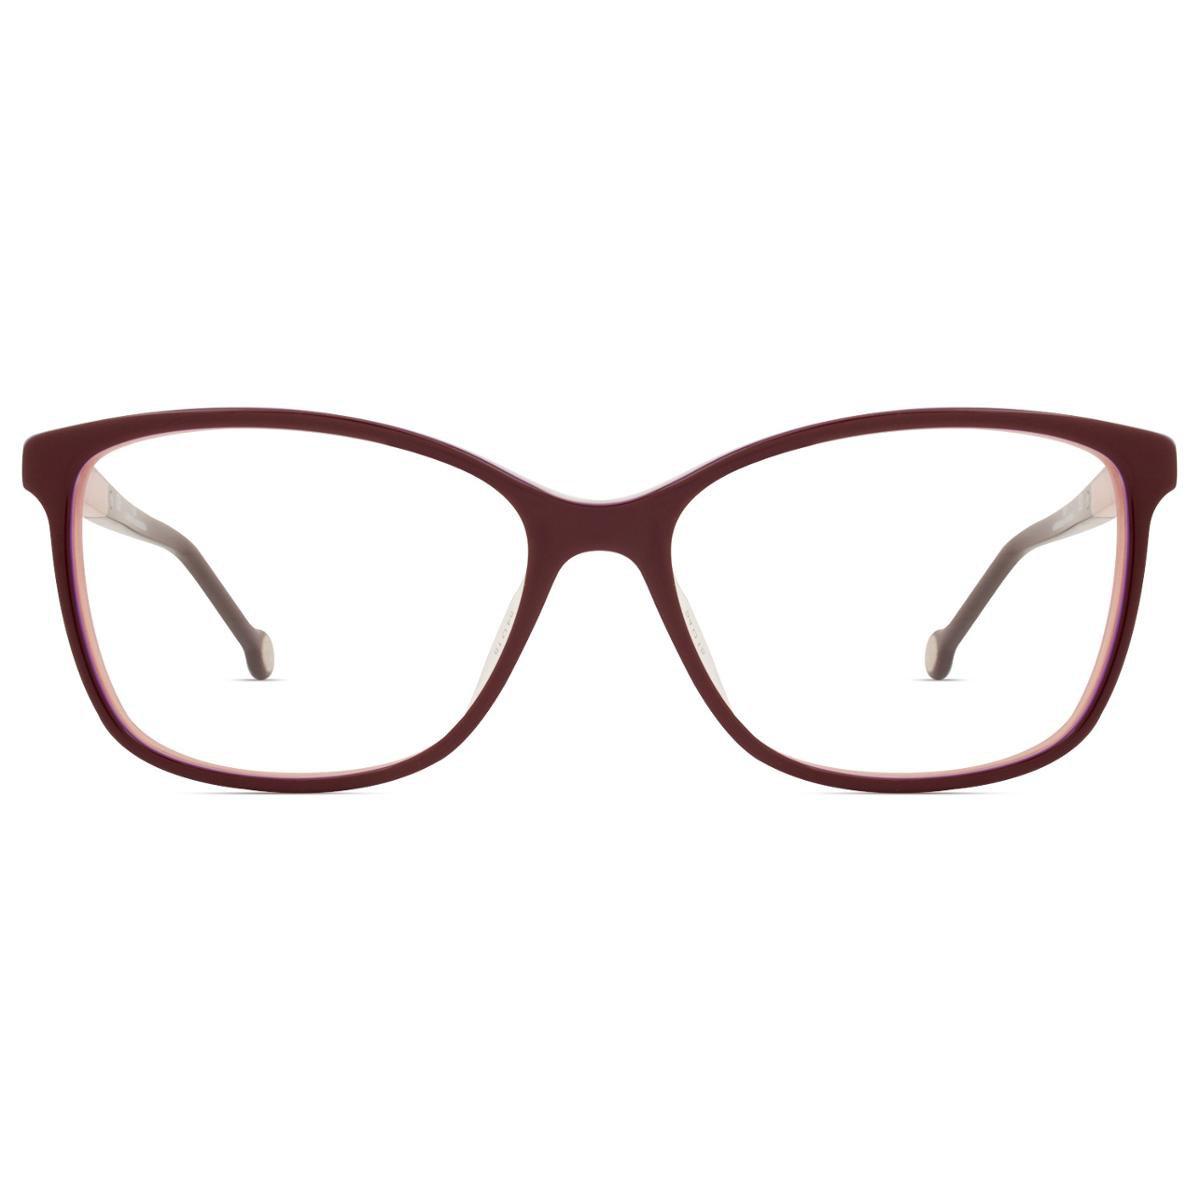 2351f79b8 Armação Óculos de Grau de Grau Carolina Herrera VHE672 0M56-54   Zattini